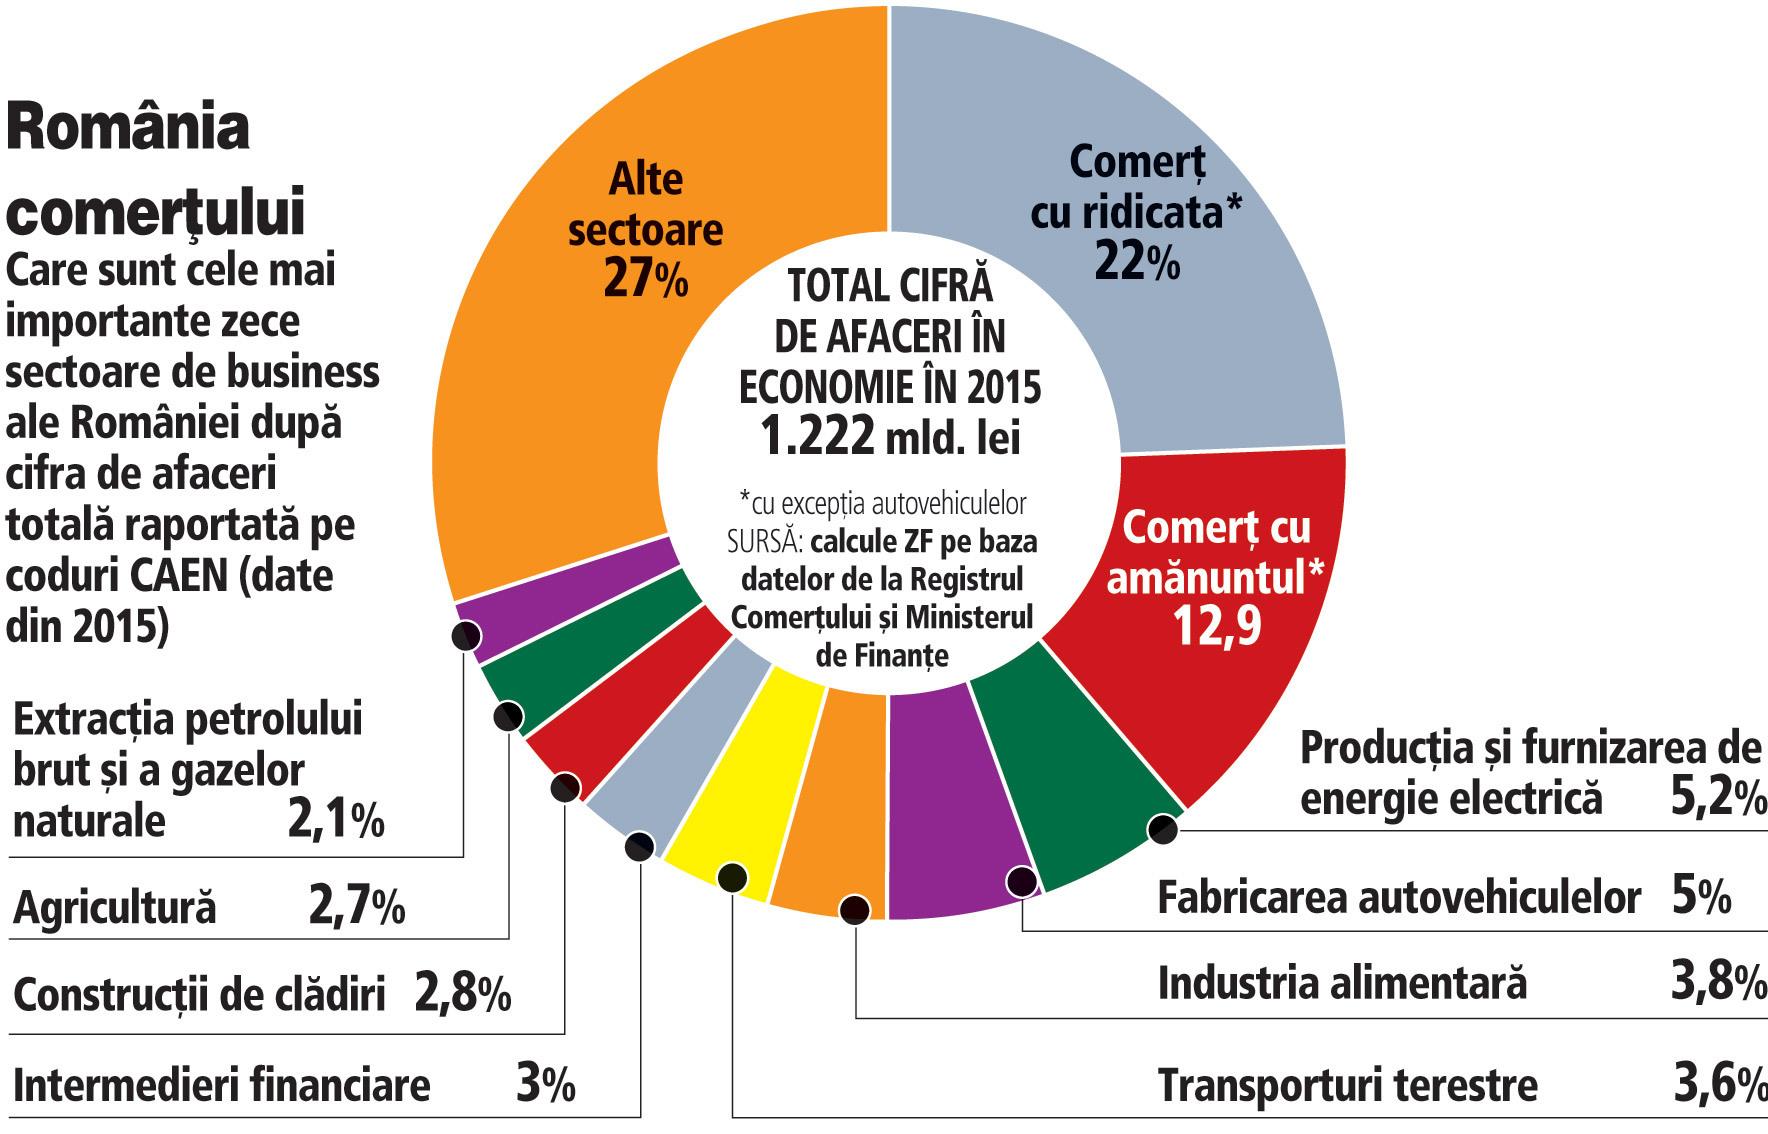 Reindustrializarea României. Peste 100 mld. euro din businessul companiilor vin din activităţi de comerţ